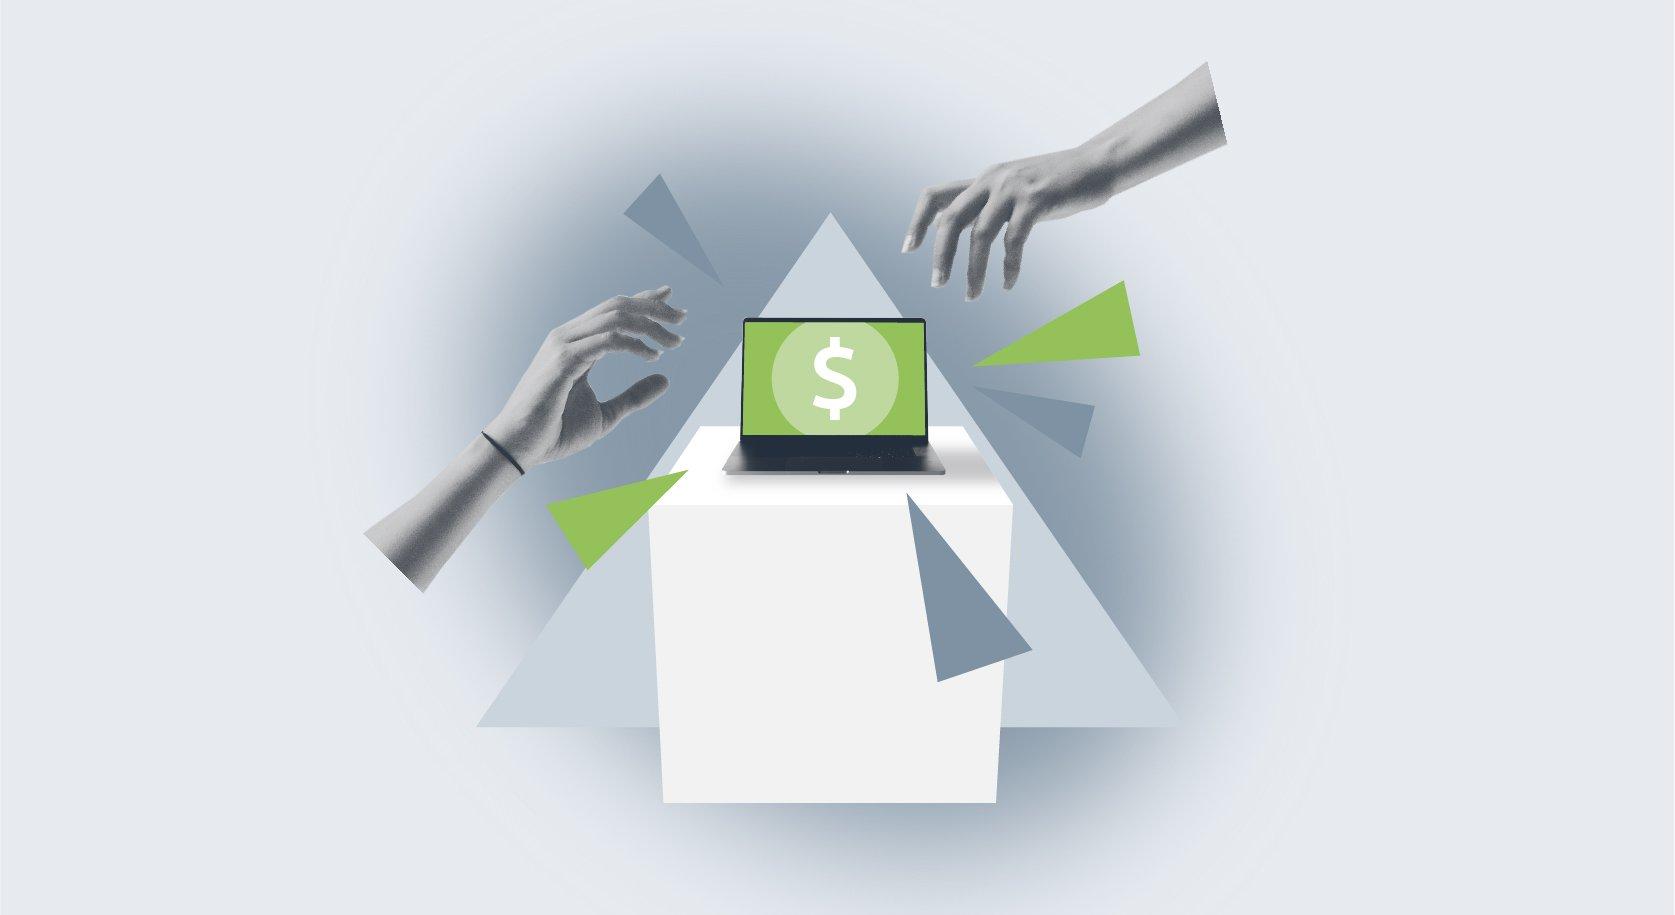 Banking_RC_Blog_BankCustomerExpec-NothingShortOfDigitalExcel_Header